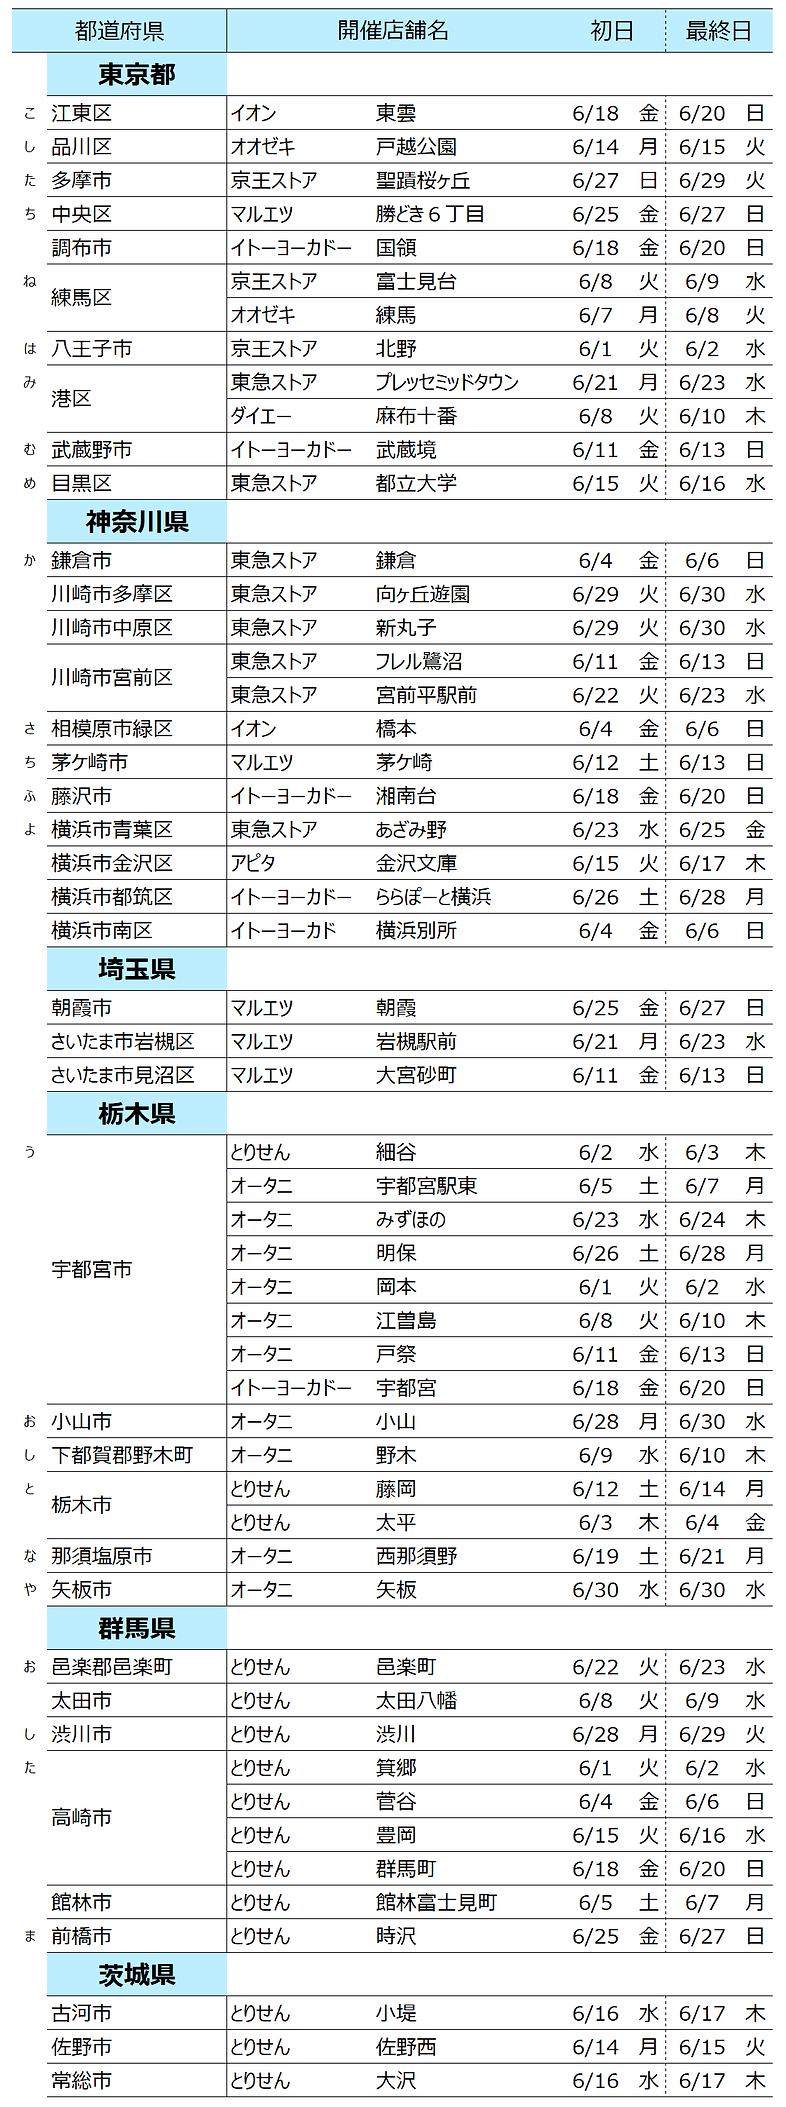 関東6月.png